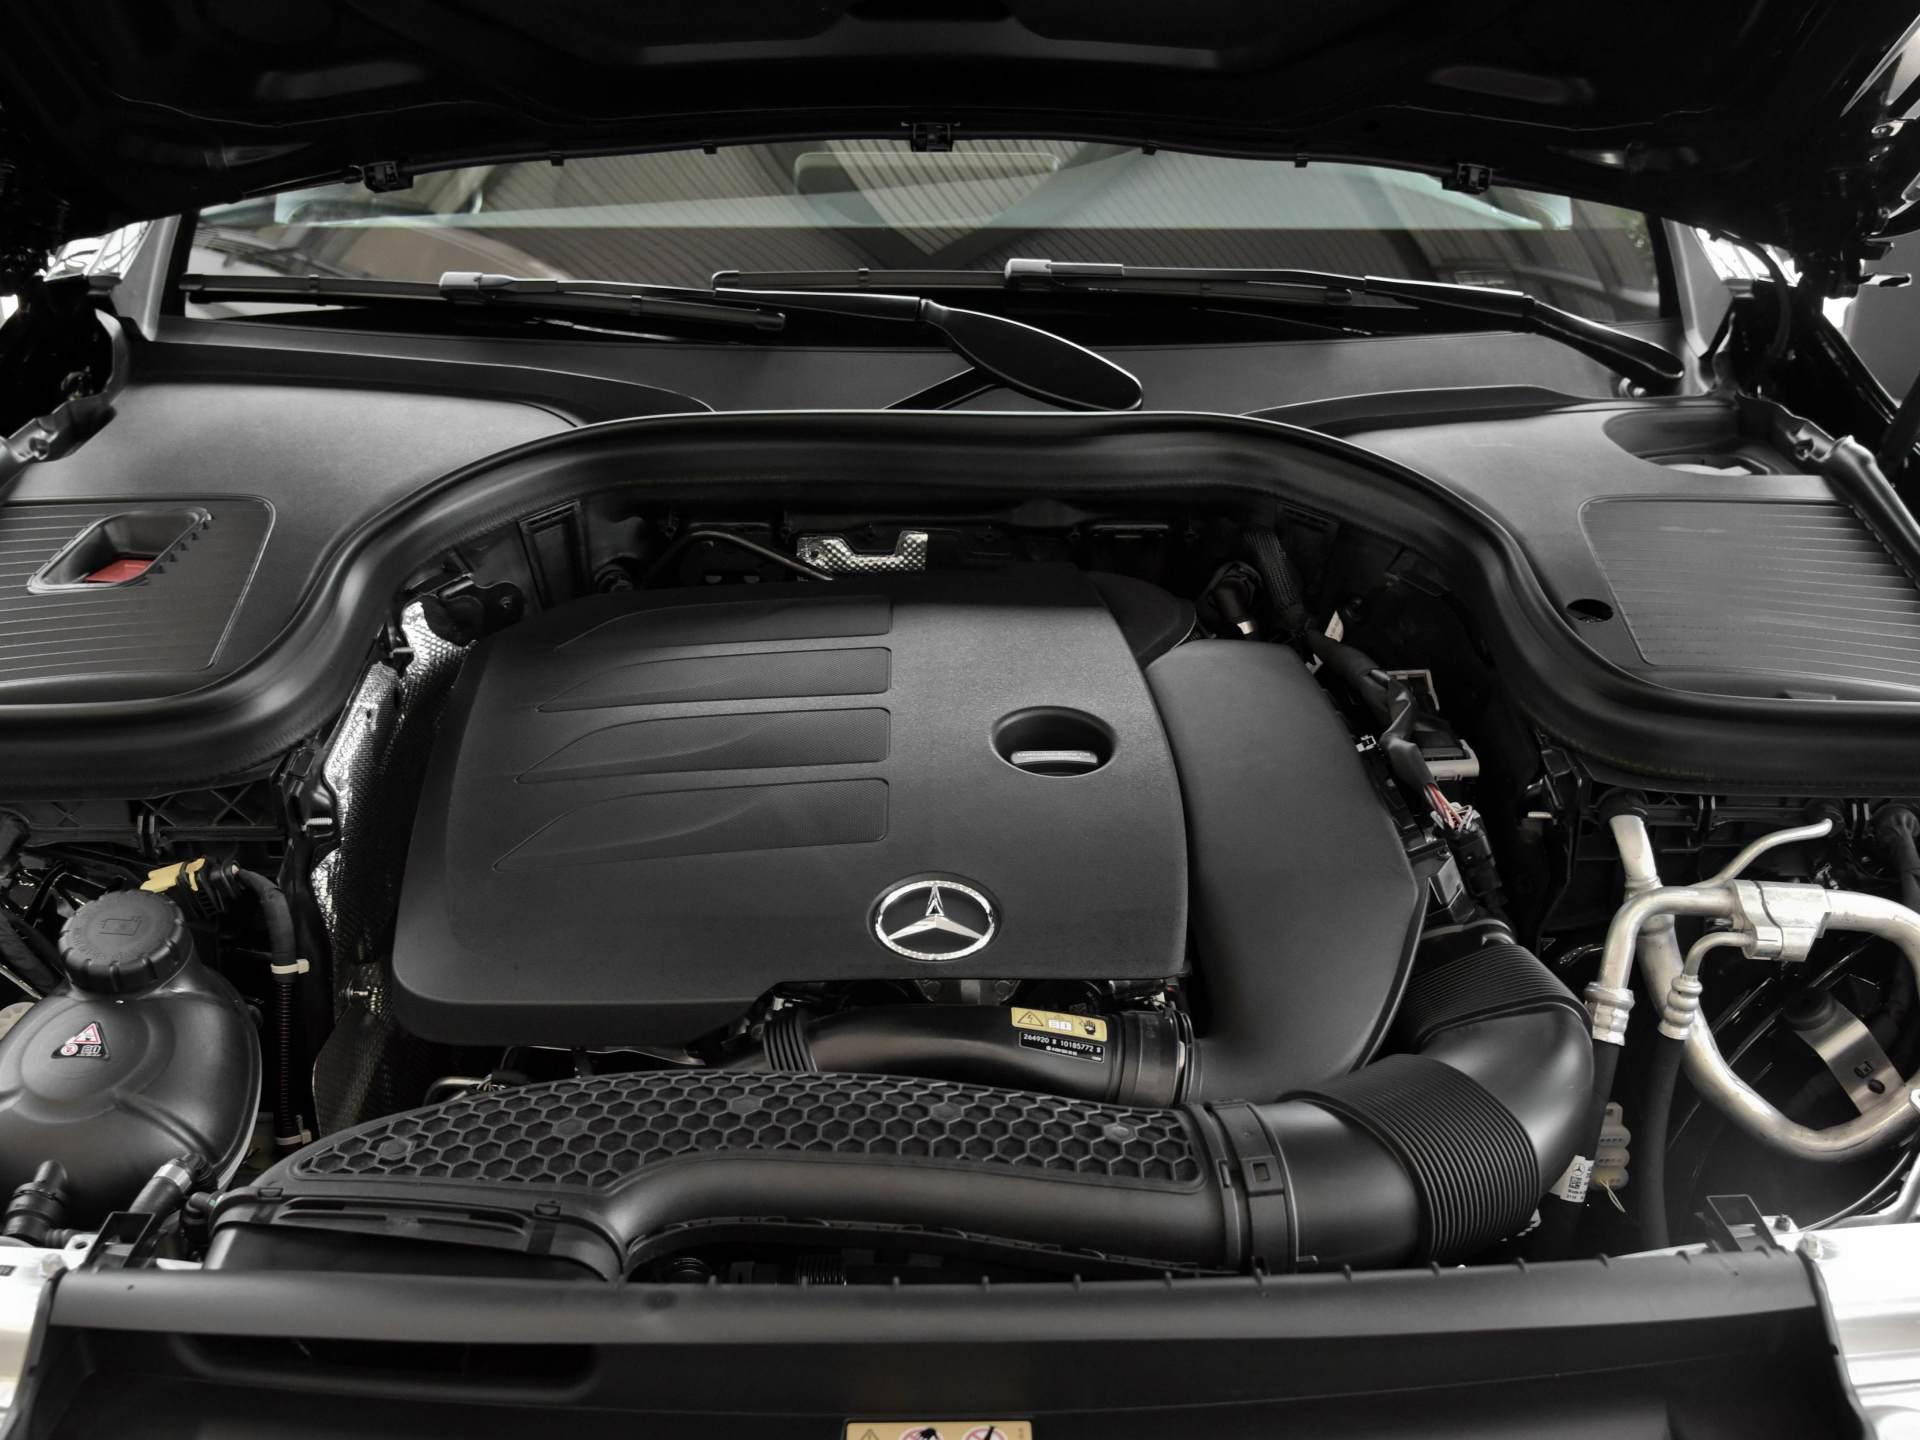 實在的豪華SUV,高近1.9米,2.0T+四驅,奔馳品牌是亮點-圖7